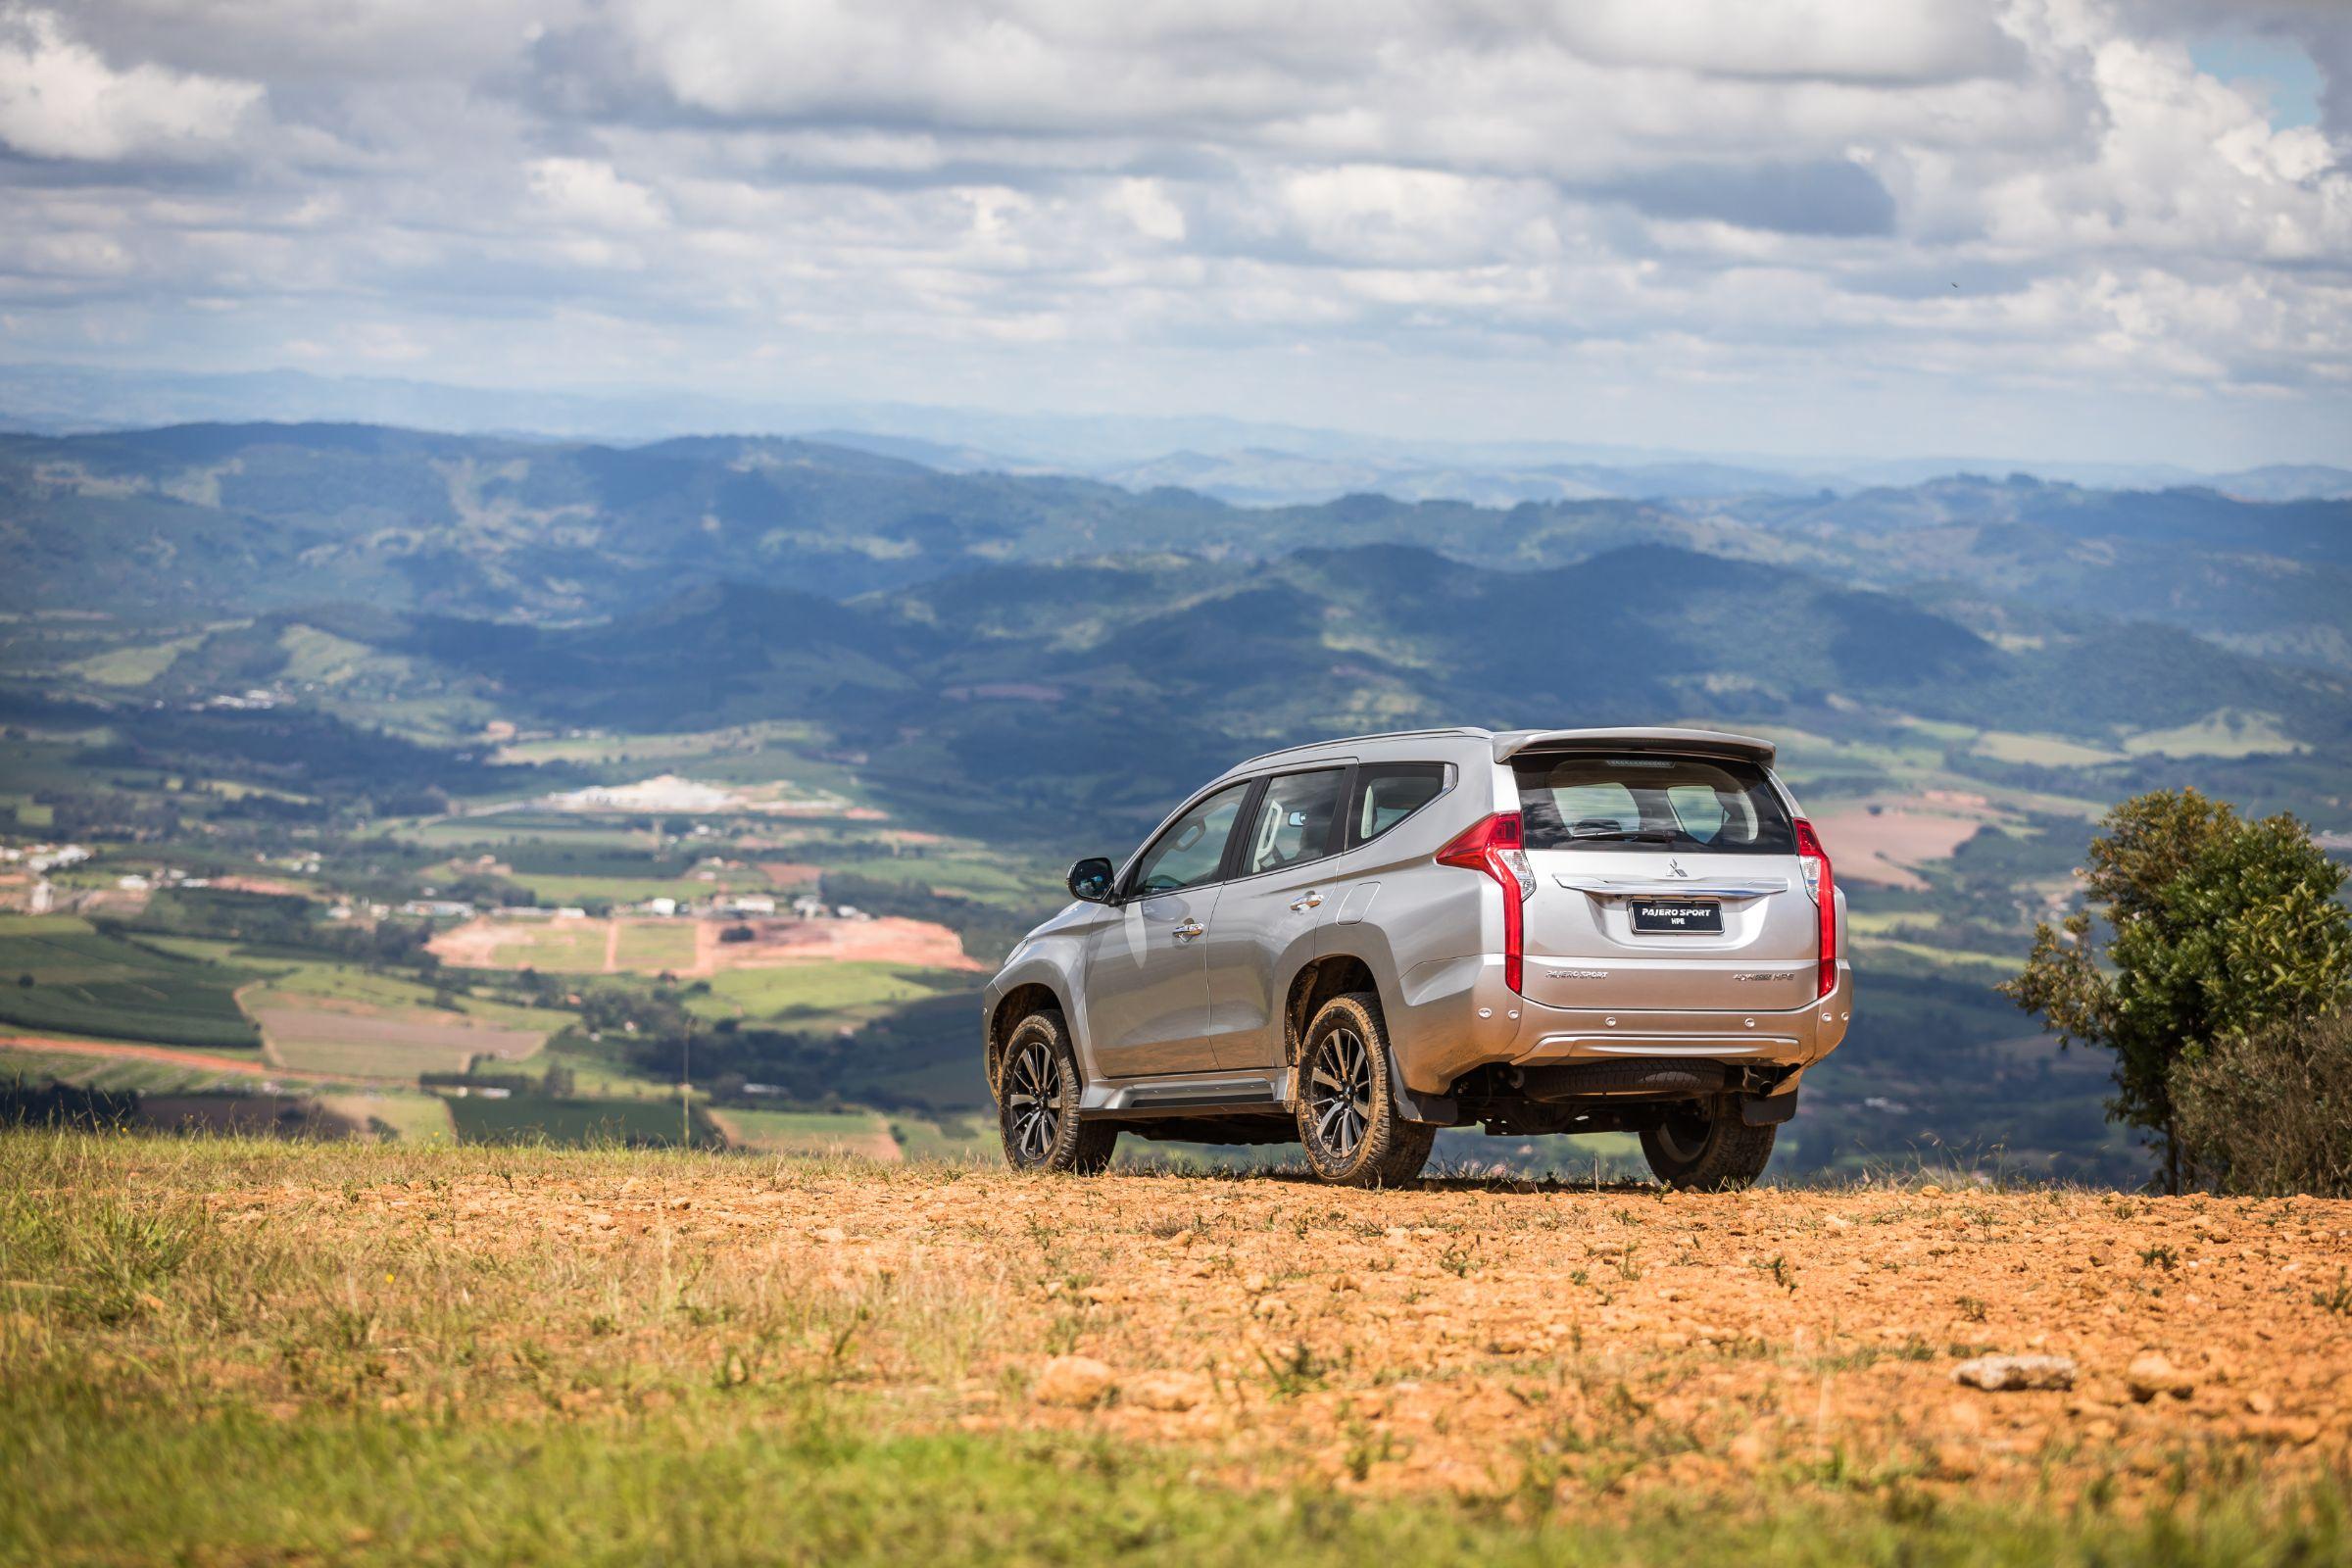 Novo Pajero Sport HPE é lançado pela Mitsubishi. SUV importado que responde bem dentro e fora da estrada custa a partir de R$ 265.990.